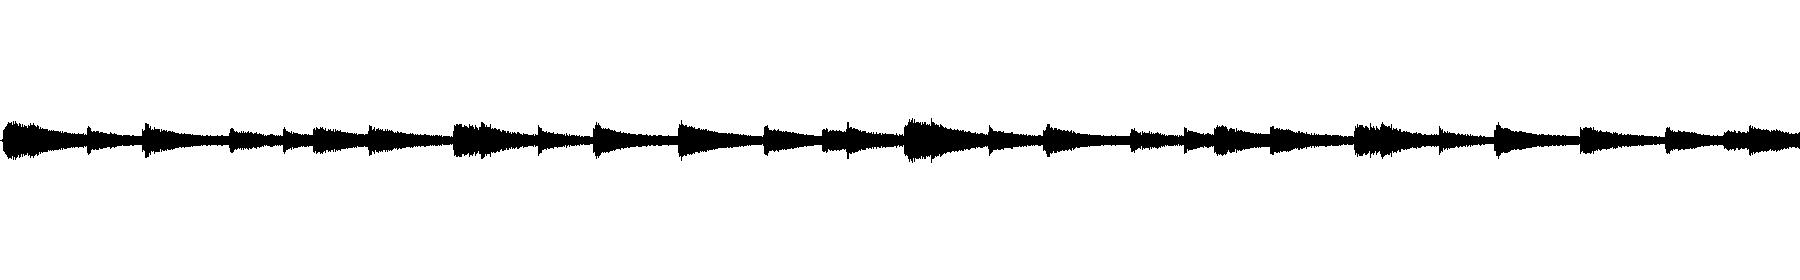 pattern 1 191   loop 2